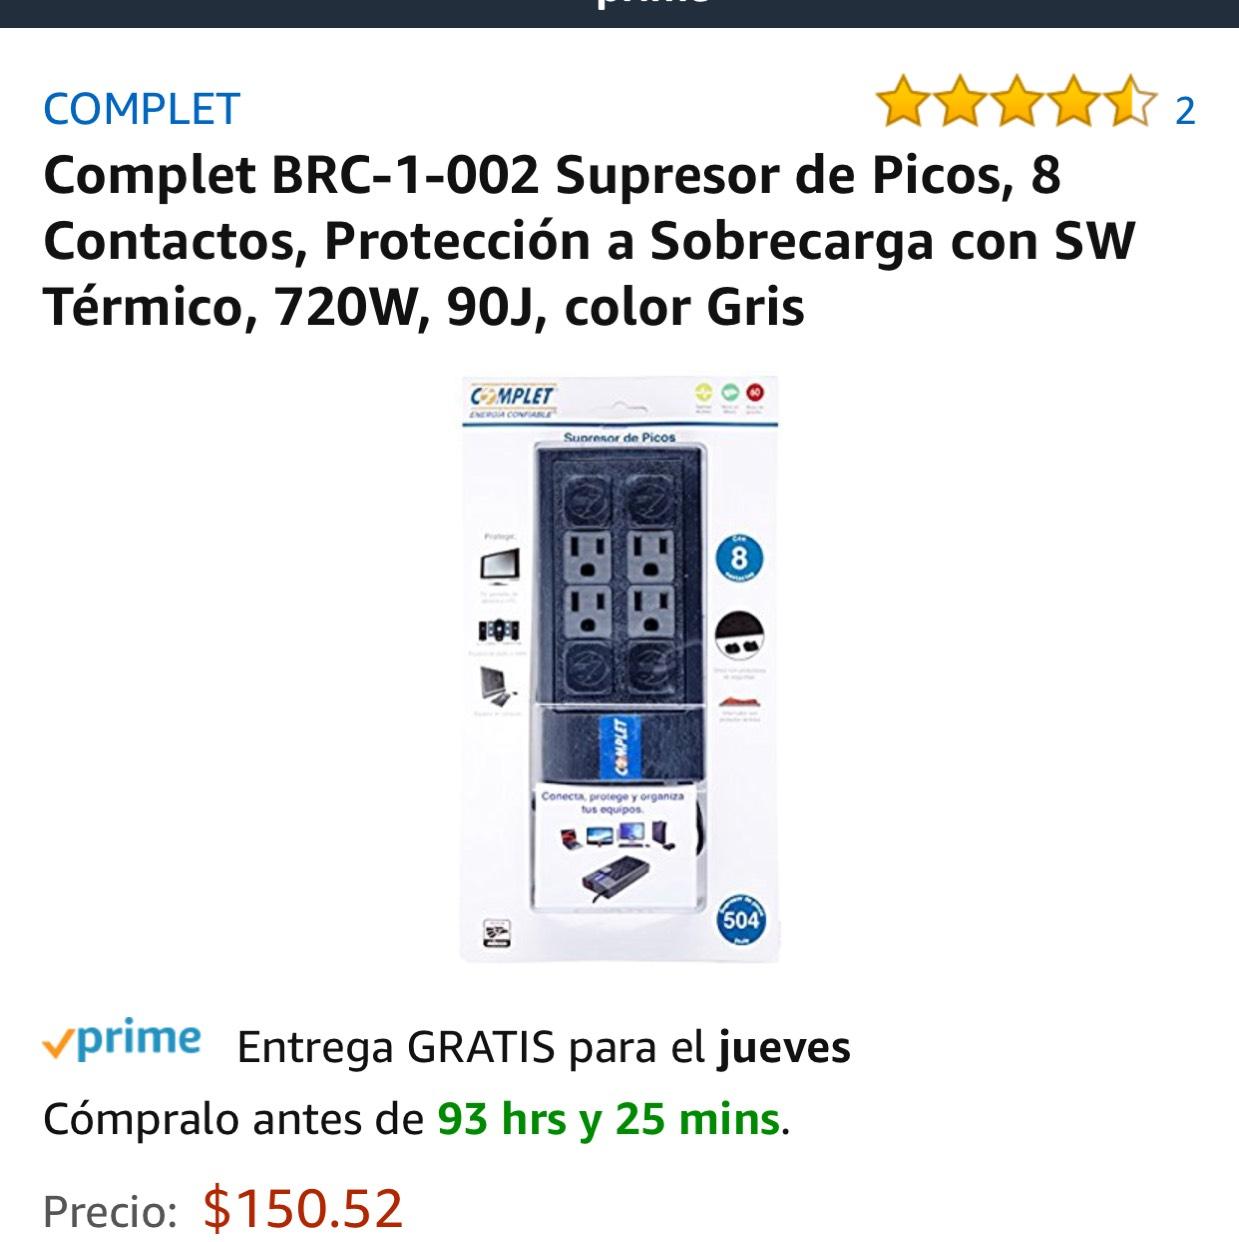 Amazon: Supresor De Picos 8 contactos Complet BRC-1-002 Envío Gratis (Prime)